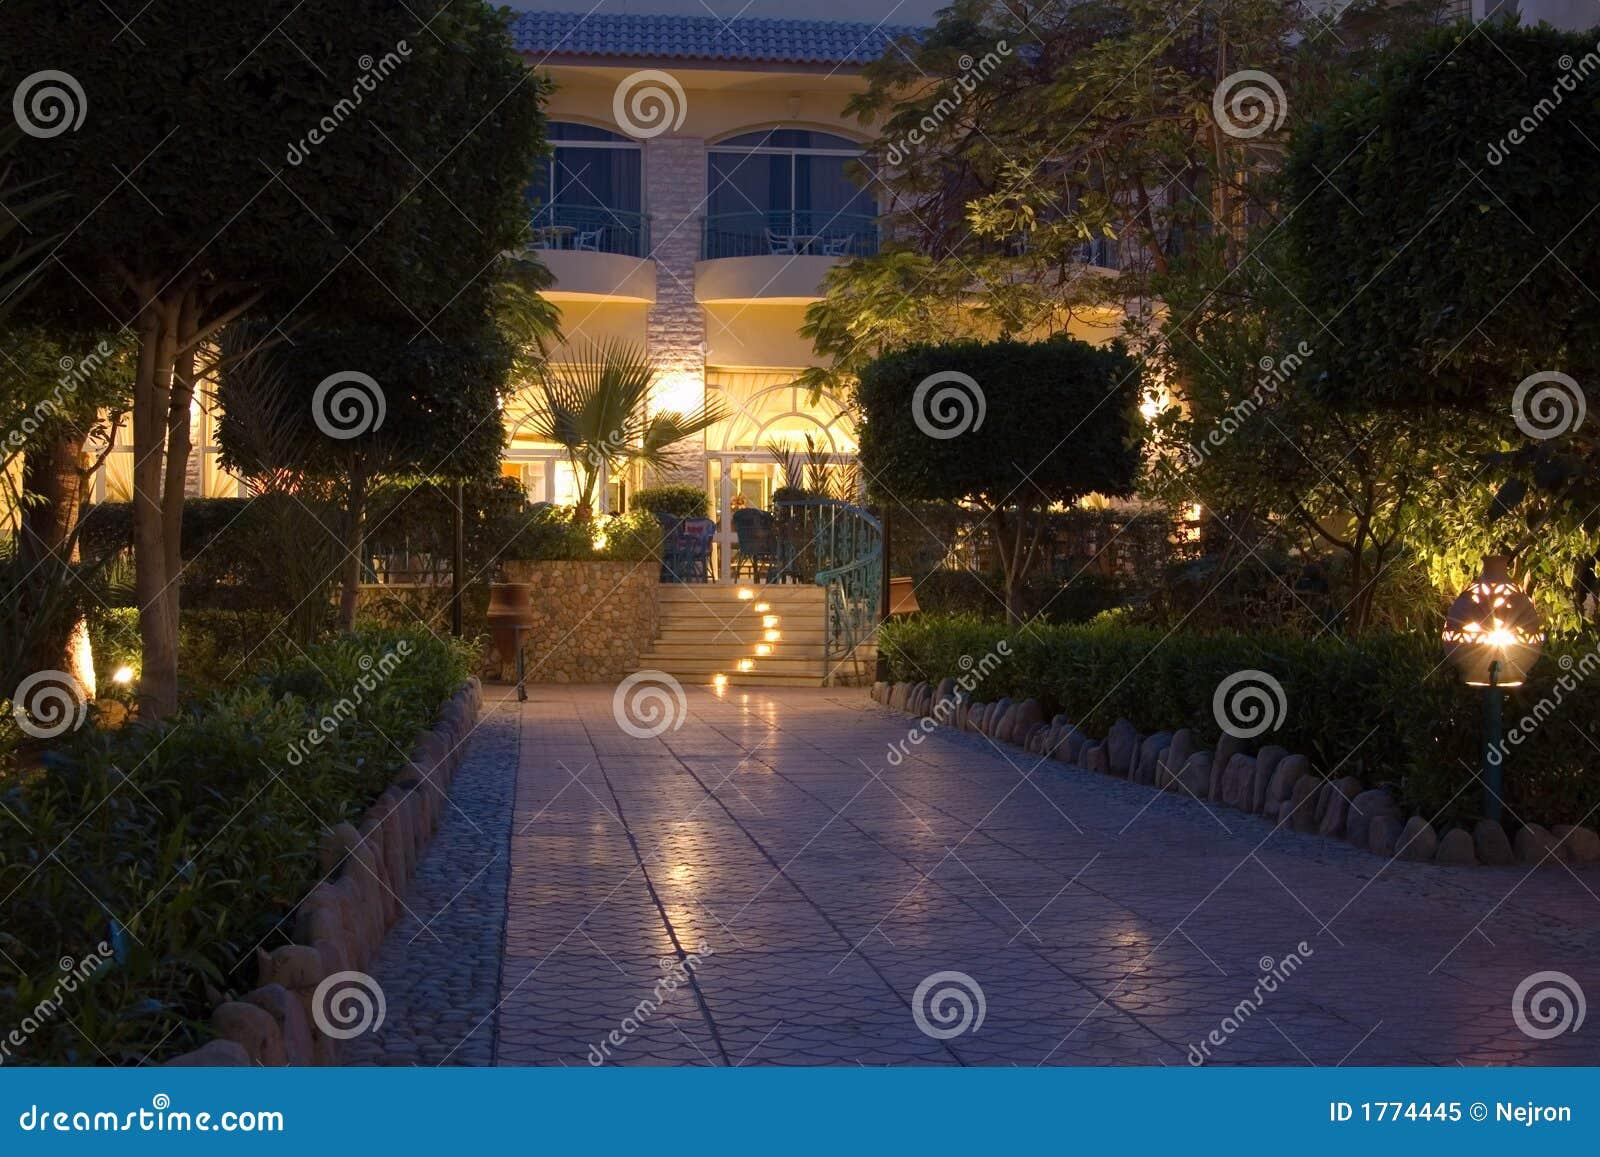 Garden hotel